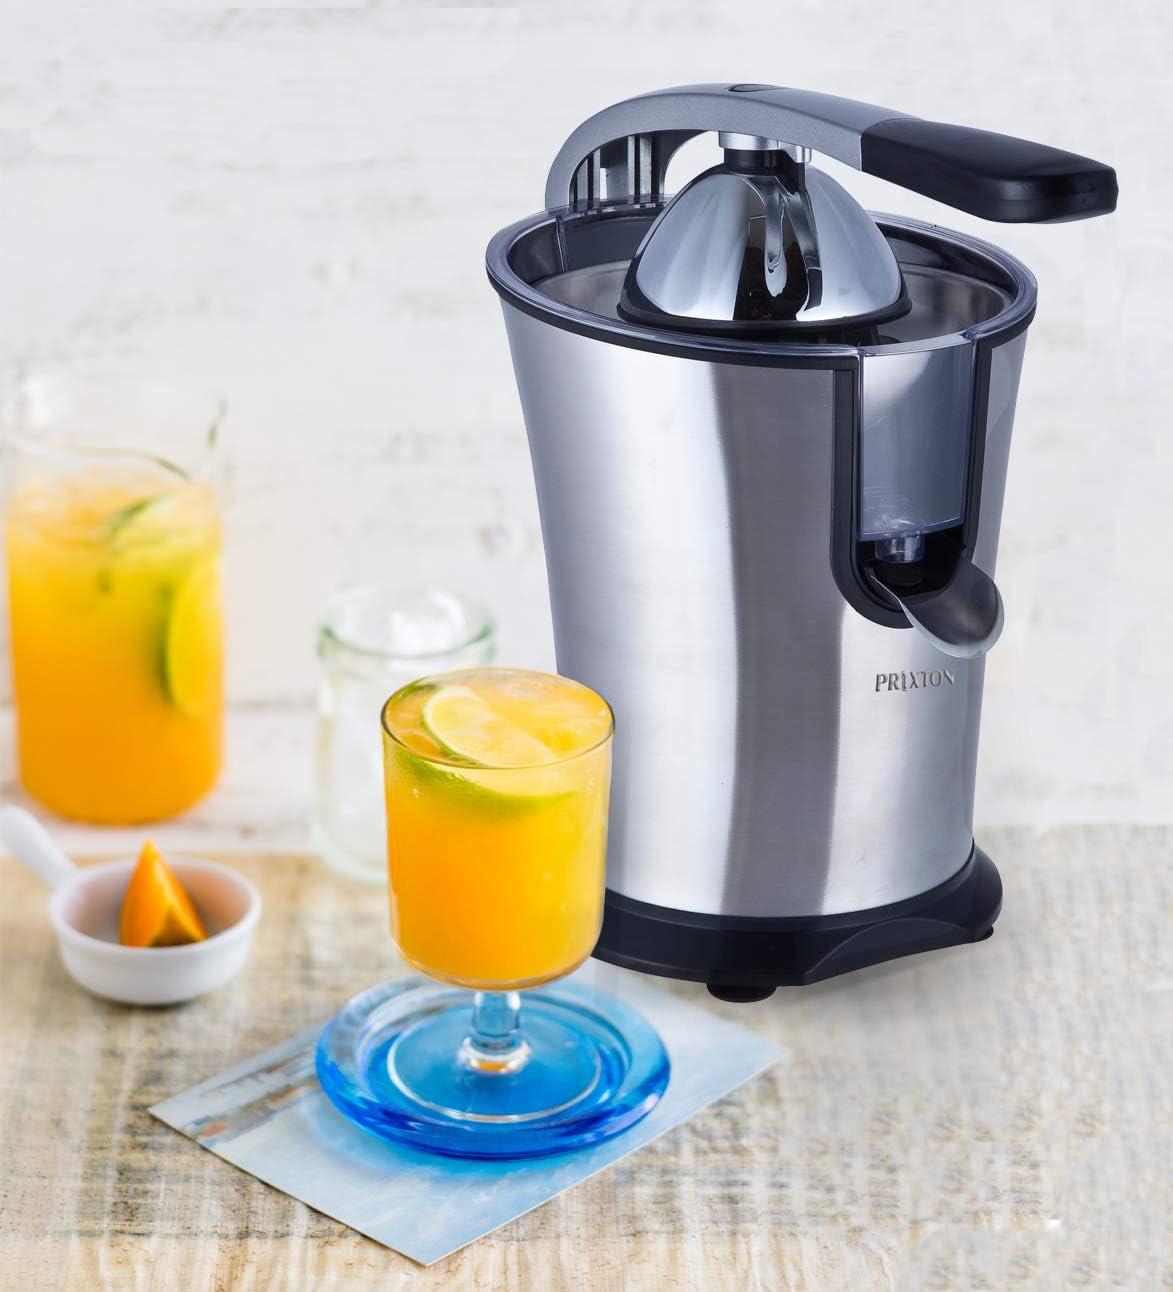 PRIXTON - Exprimidor Electrico de Naranjas Automatico, Exprime ...